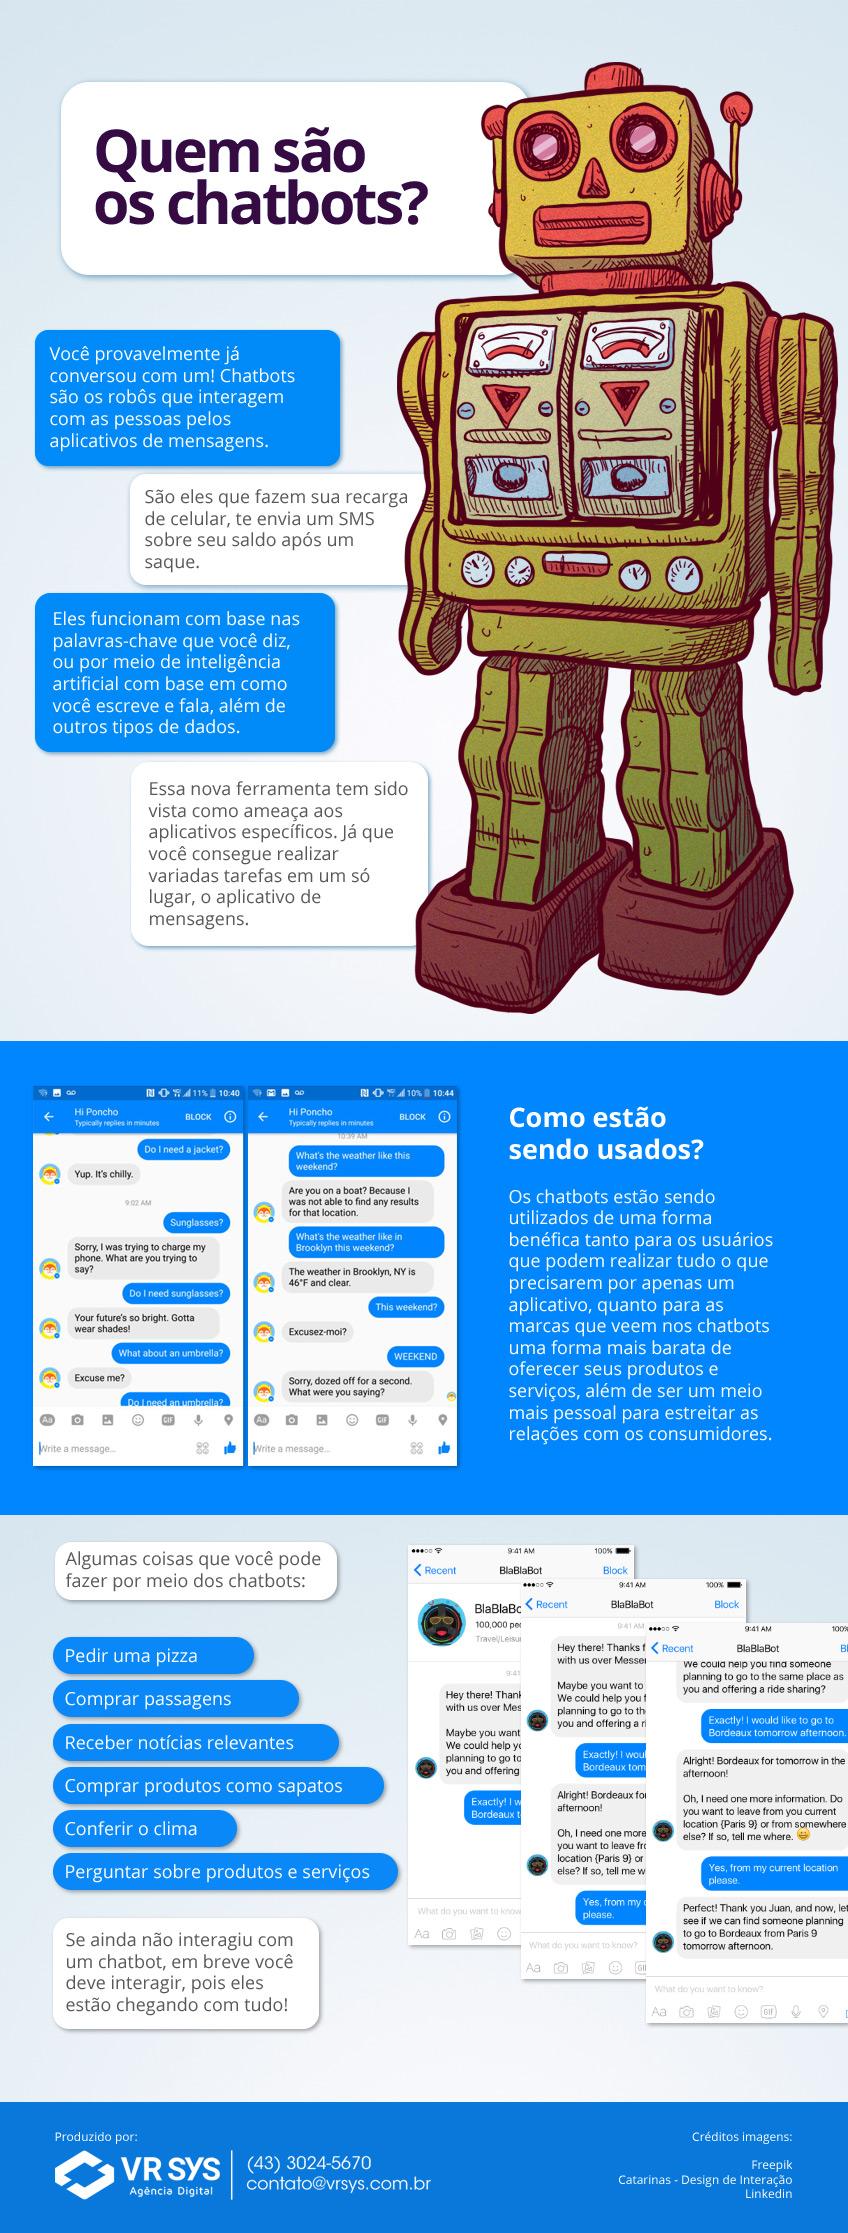 O que são chatbots e como as empresas estão se beneficiando deles?